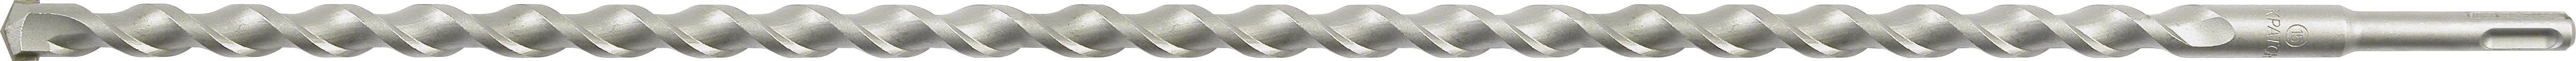 Бур КРАТОН Ф18х600мм sds+ (1 02 02 045) цена